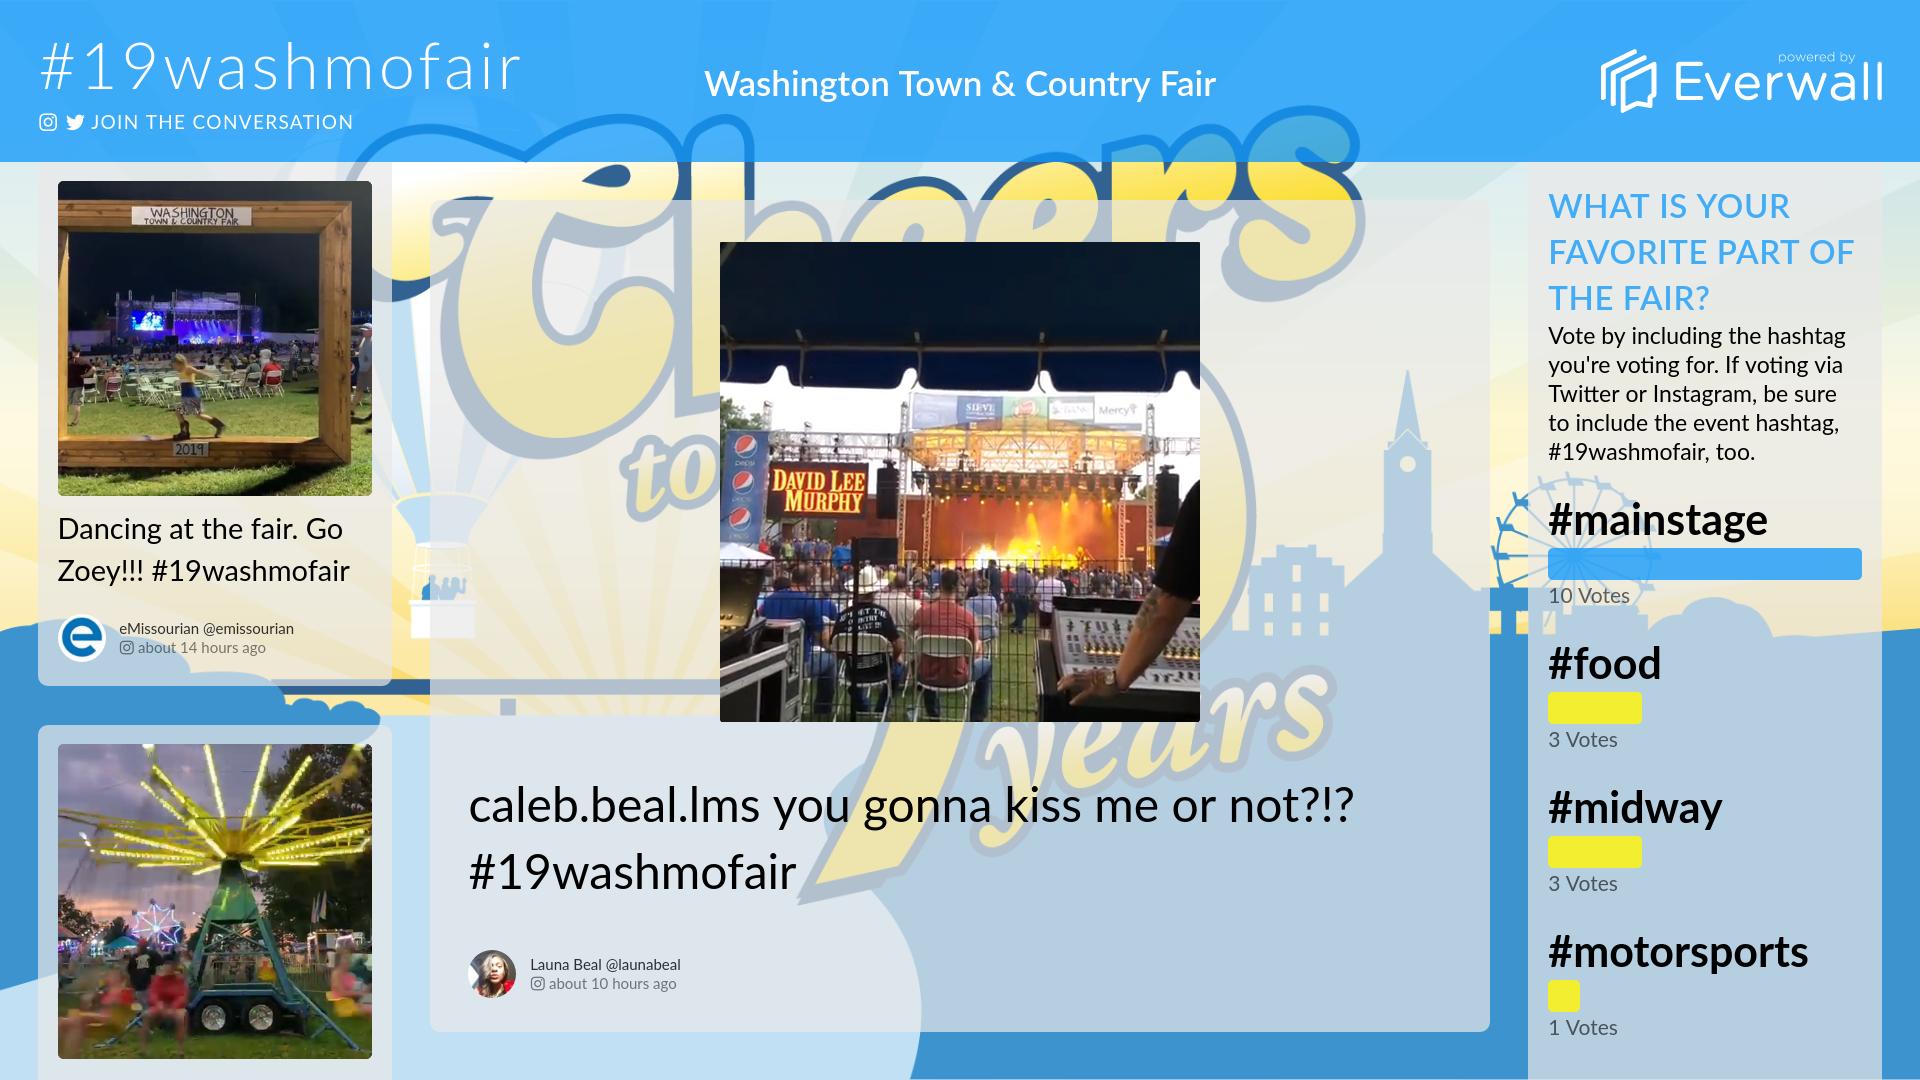 Washington Town & Country Fair